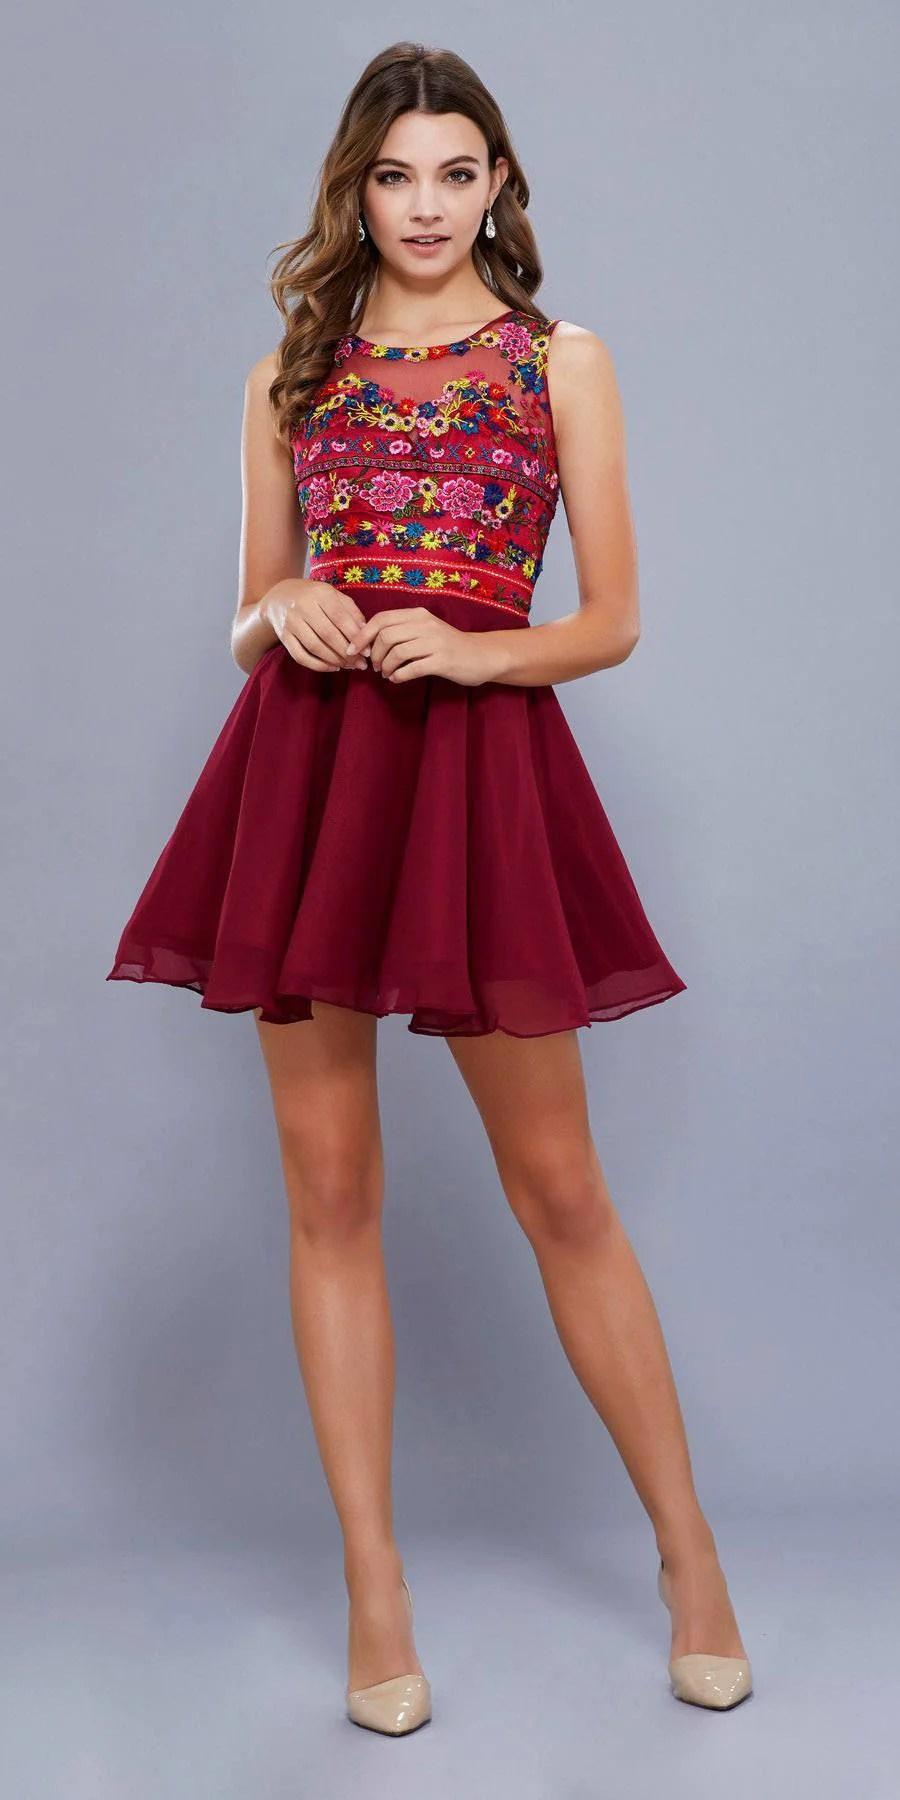 Short Sleeveless Burgundy Prom Dress